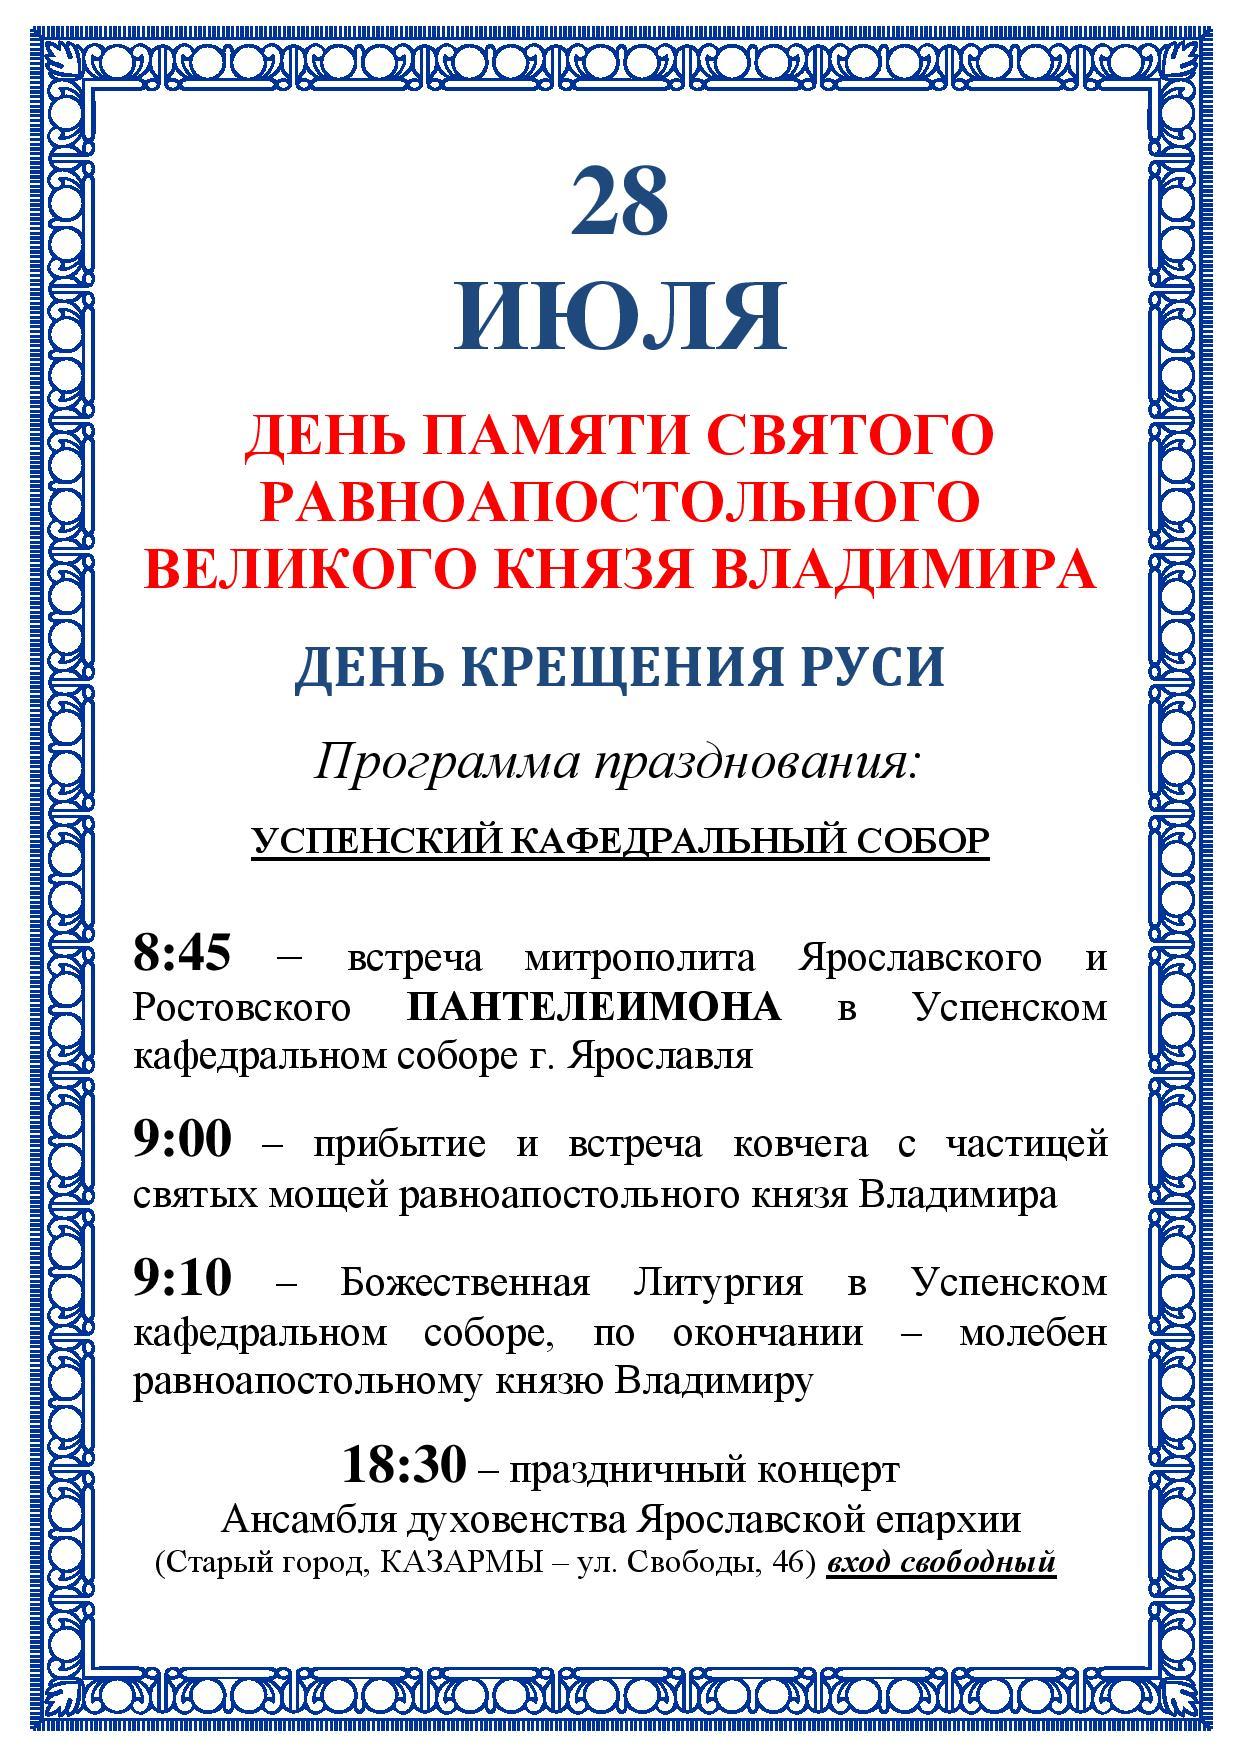 День князя владимира поздравления 12